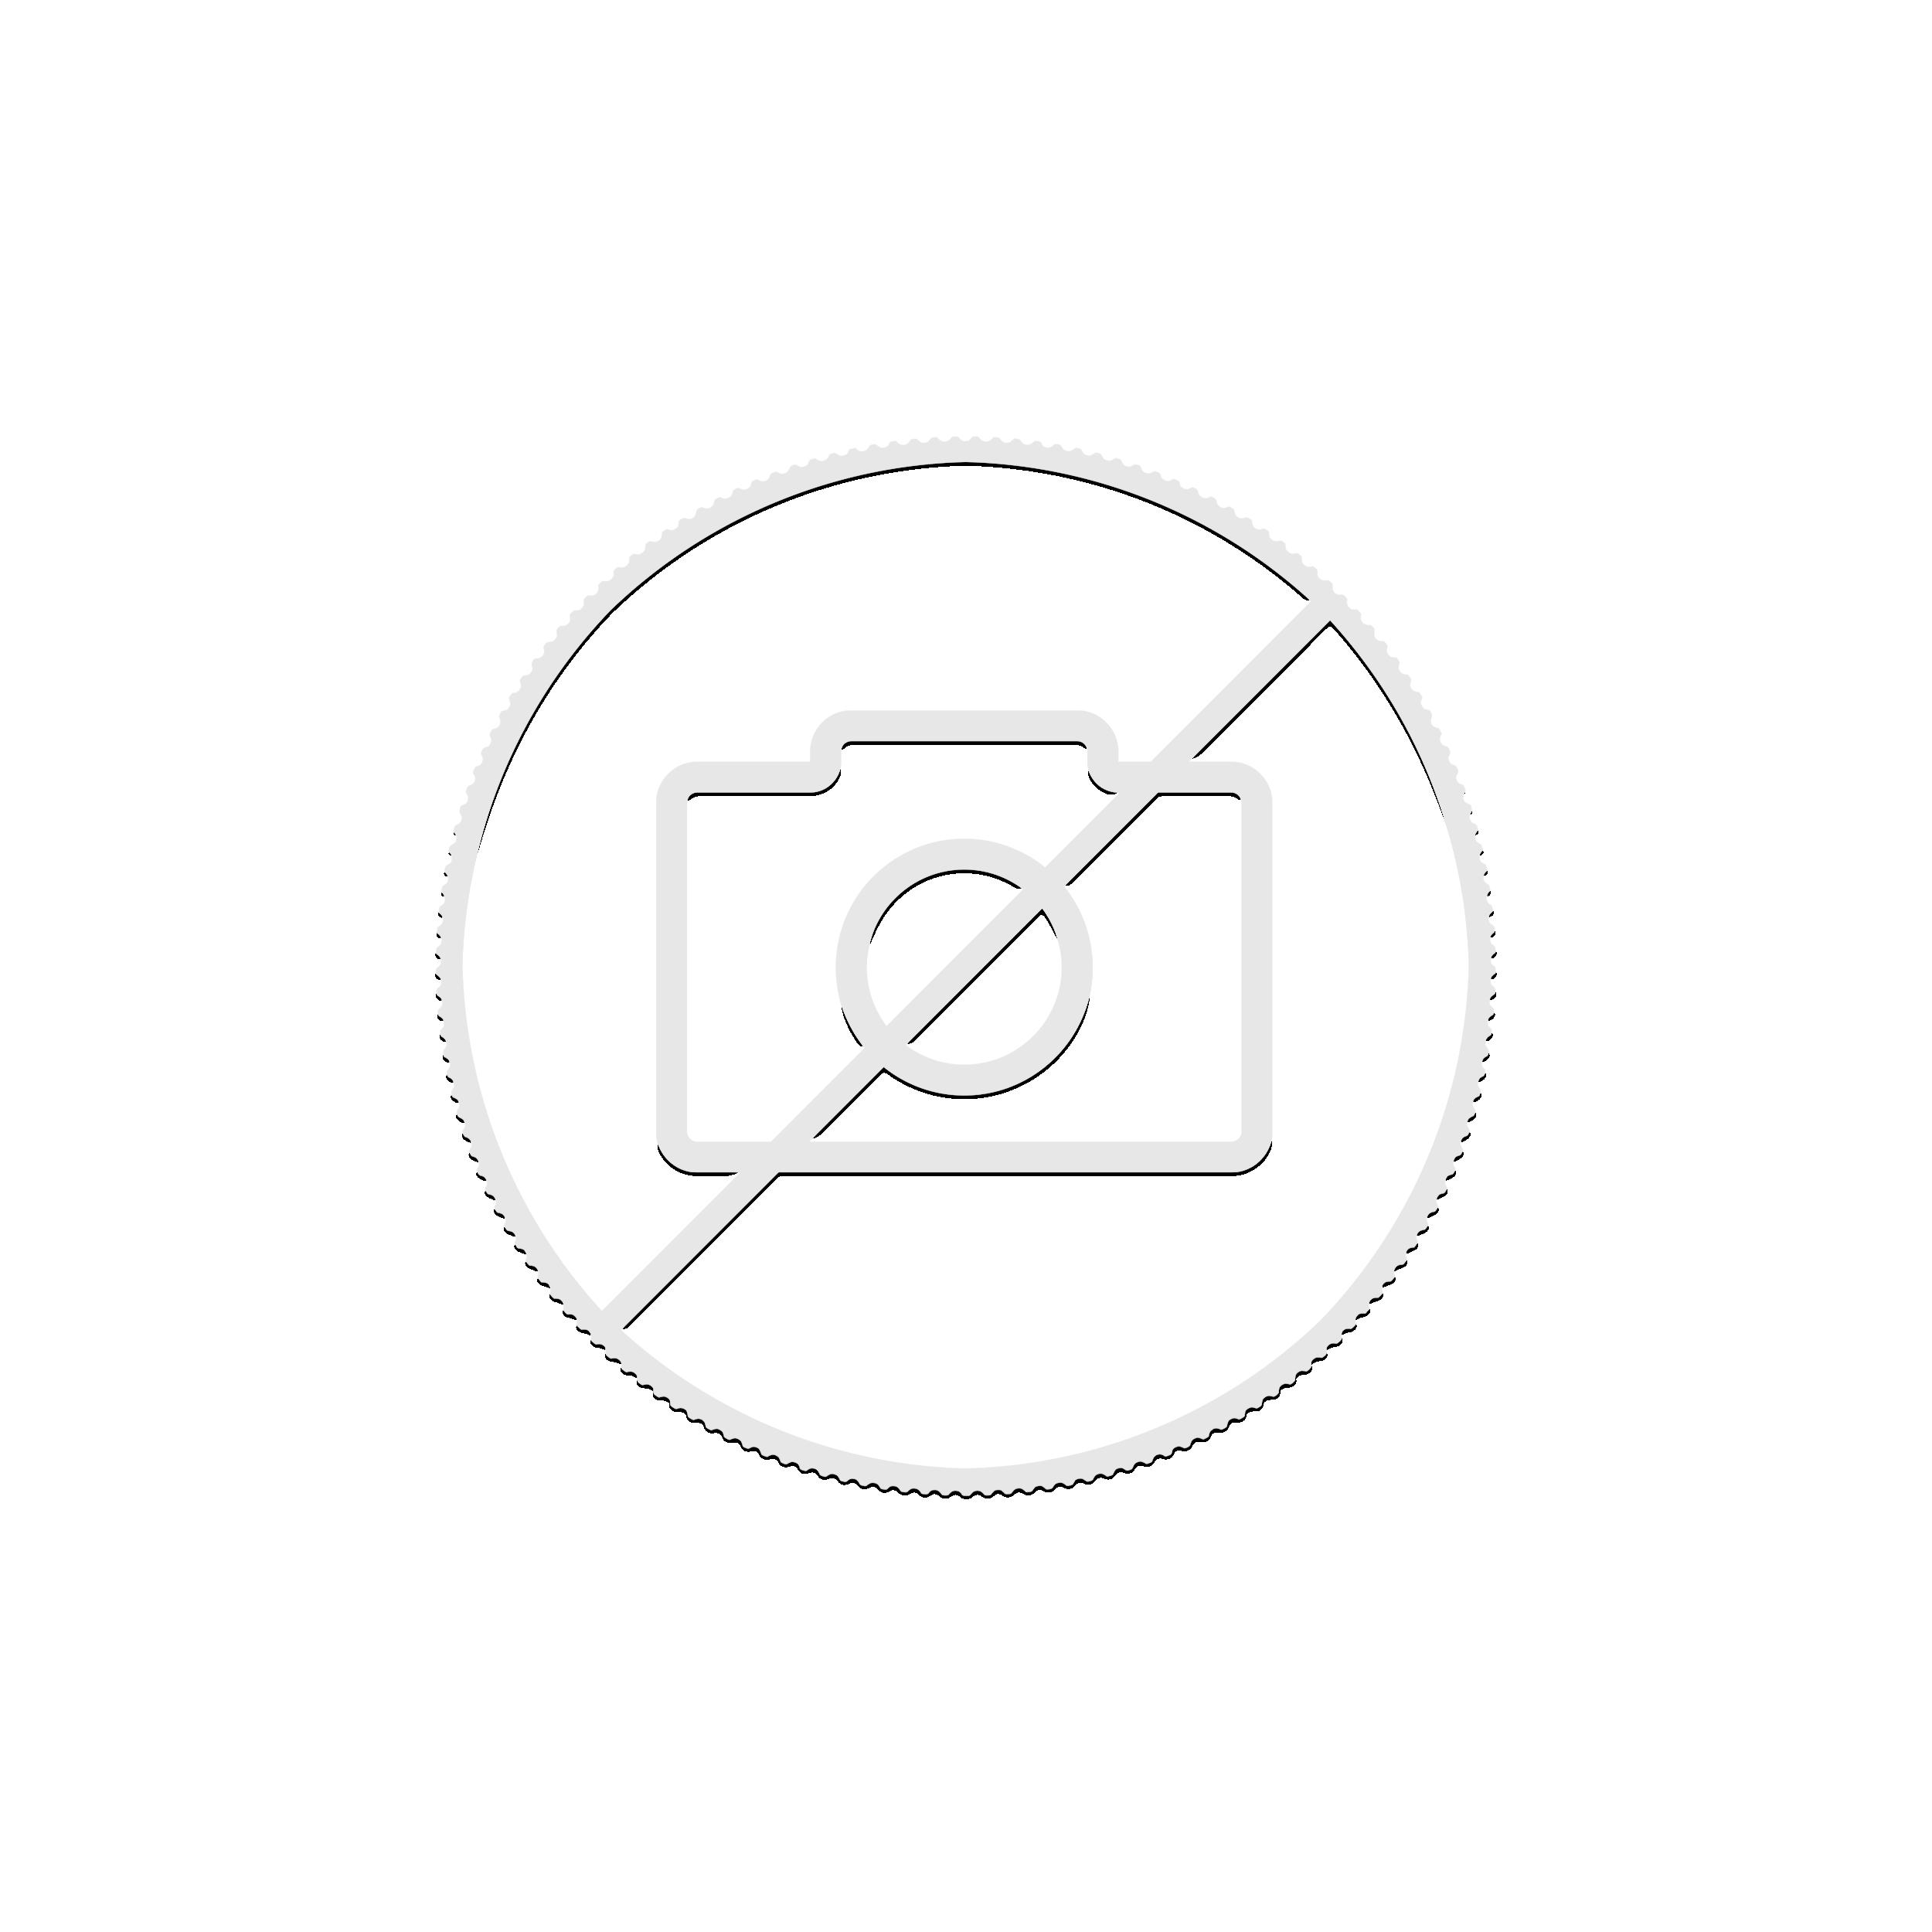 3 Troy ounce silver coin Apocalypse - Four Horsemen